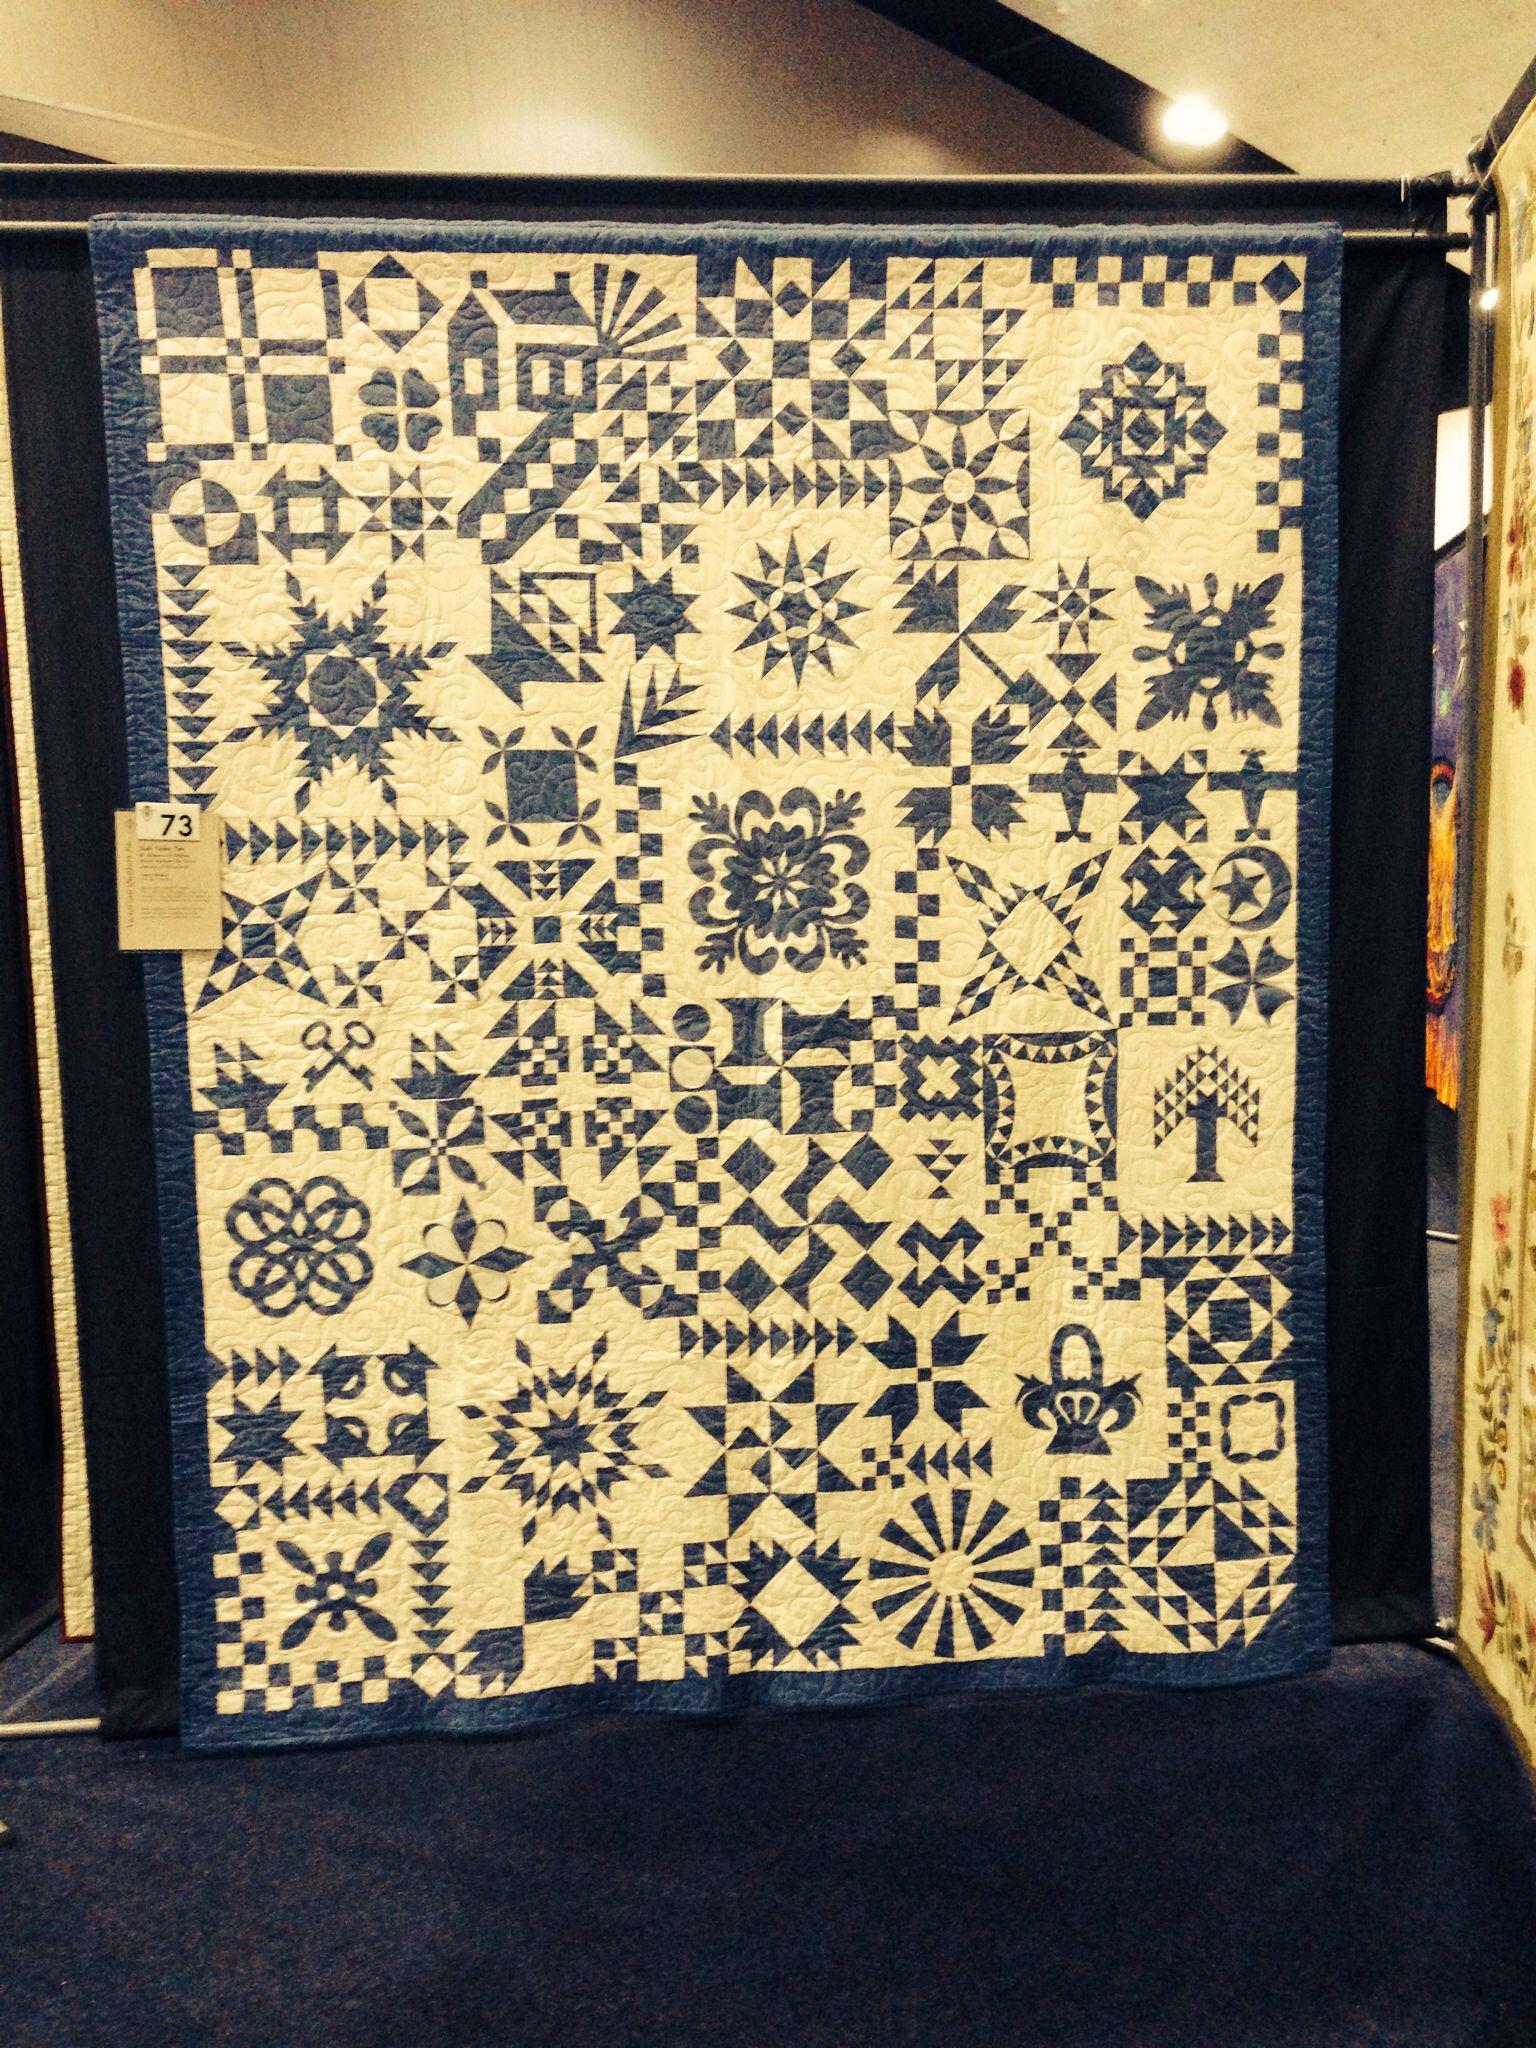 Melbourne Quilt Show | Quilt | Pinterest : melbourne quilt show - Adamdwight.com